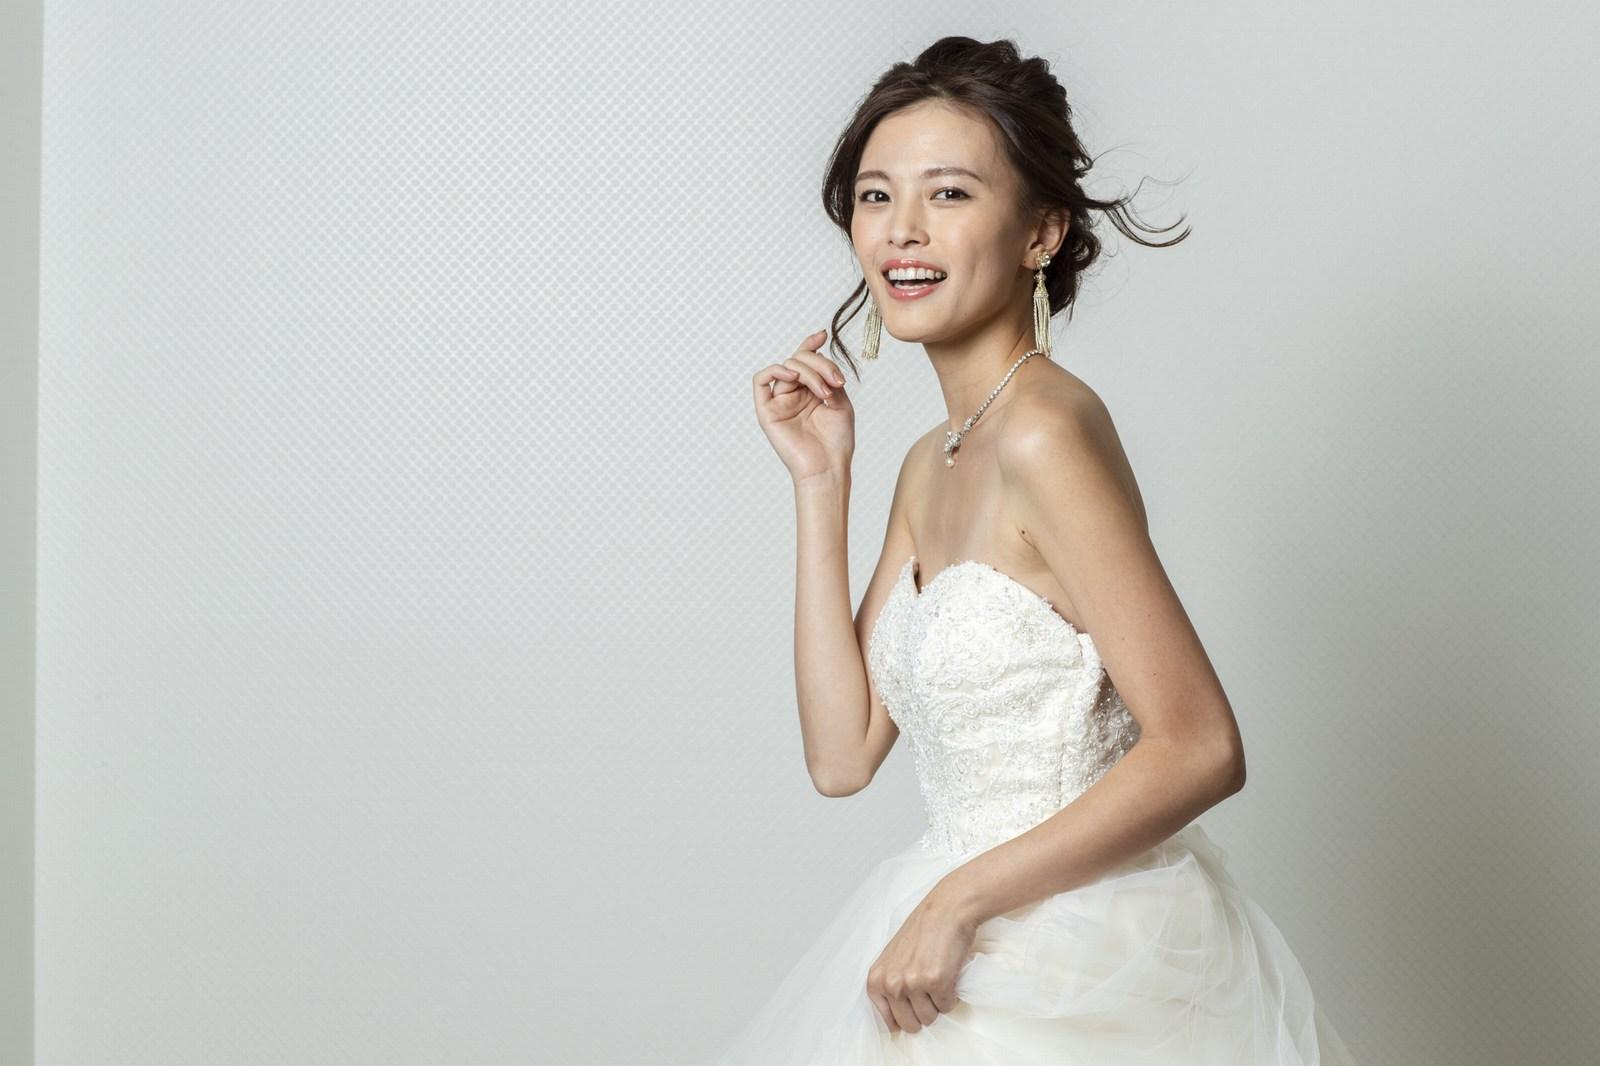 香川県高松市の小さな結婚式相談カウンターマリマリコンシェルジュのウエディングドレスのイメージフォト